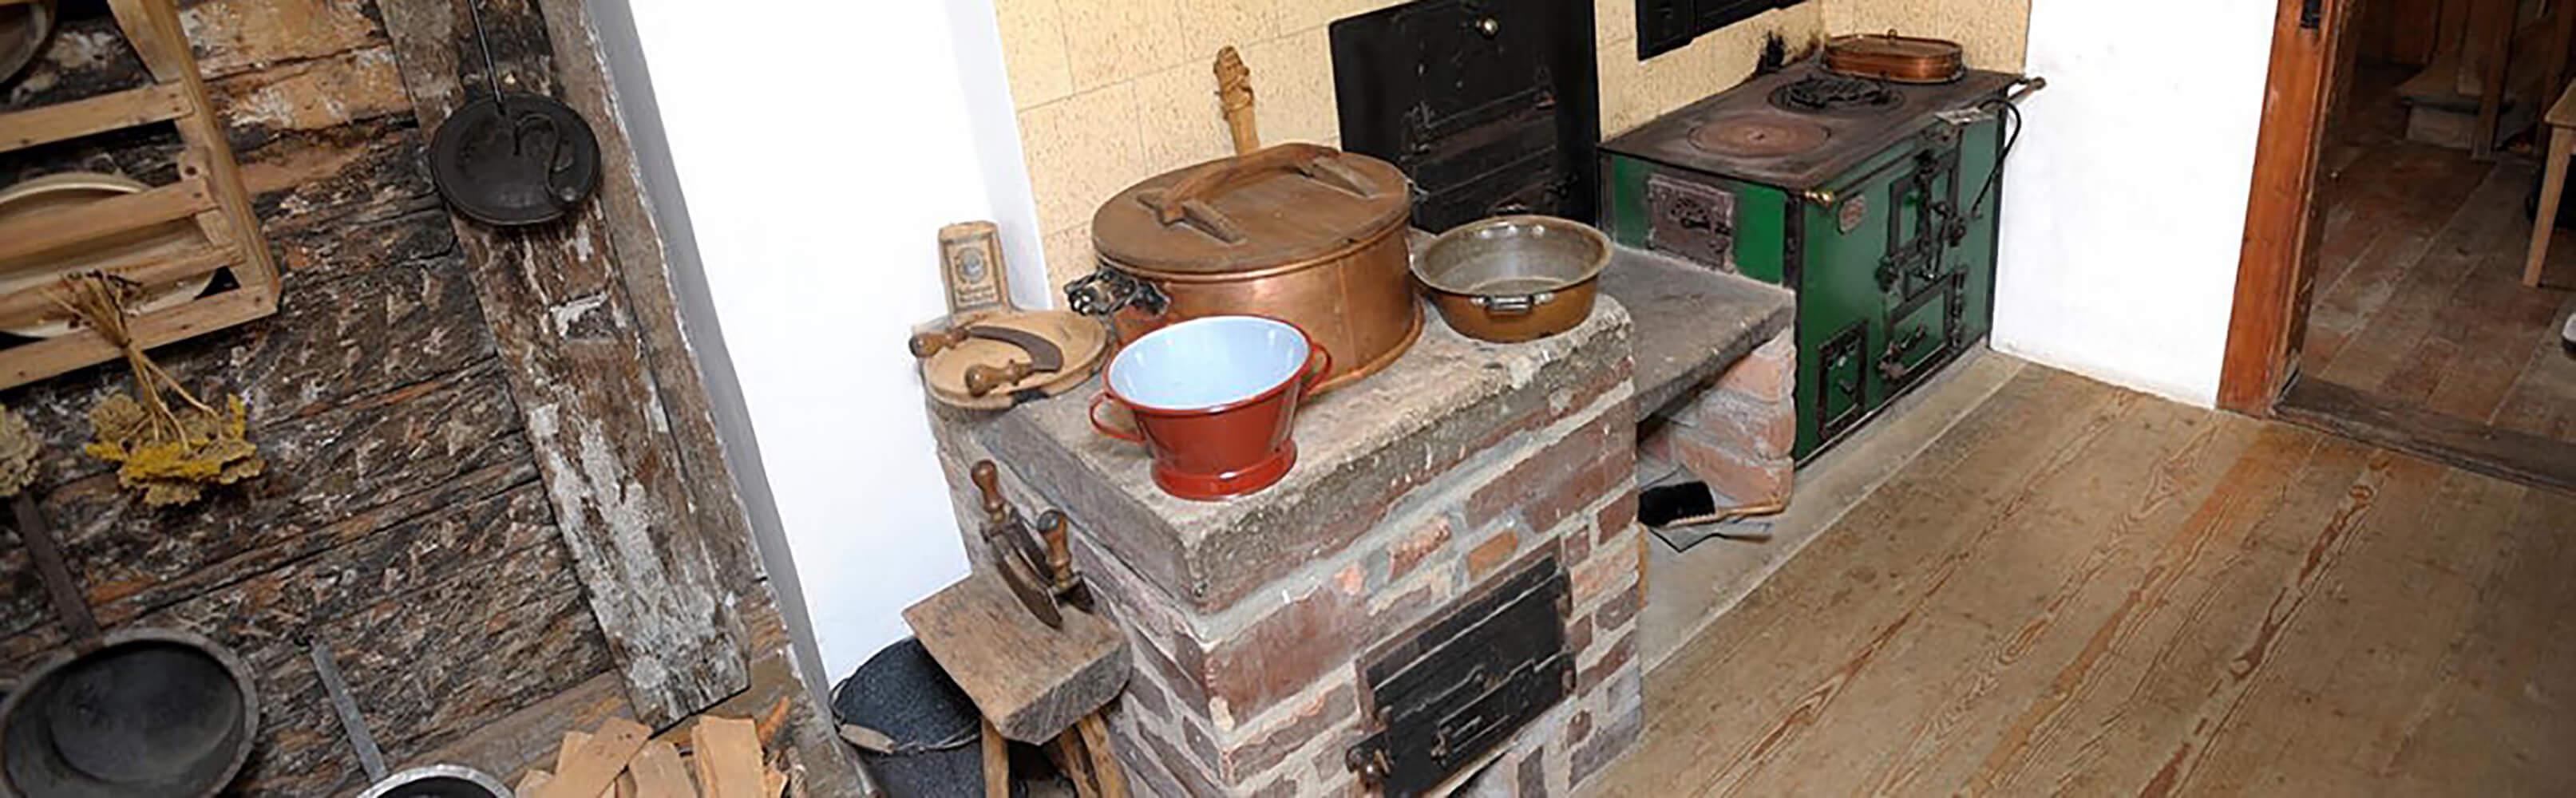 Bäuerliches Wohnmuseum Schellenberg 1